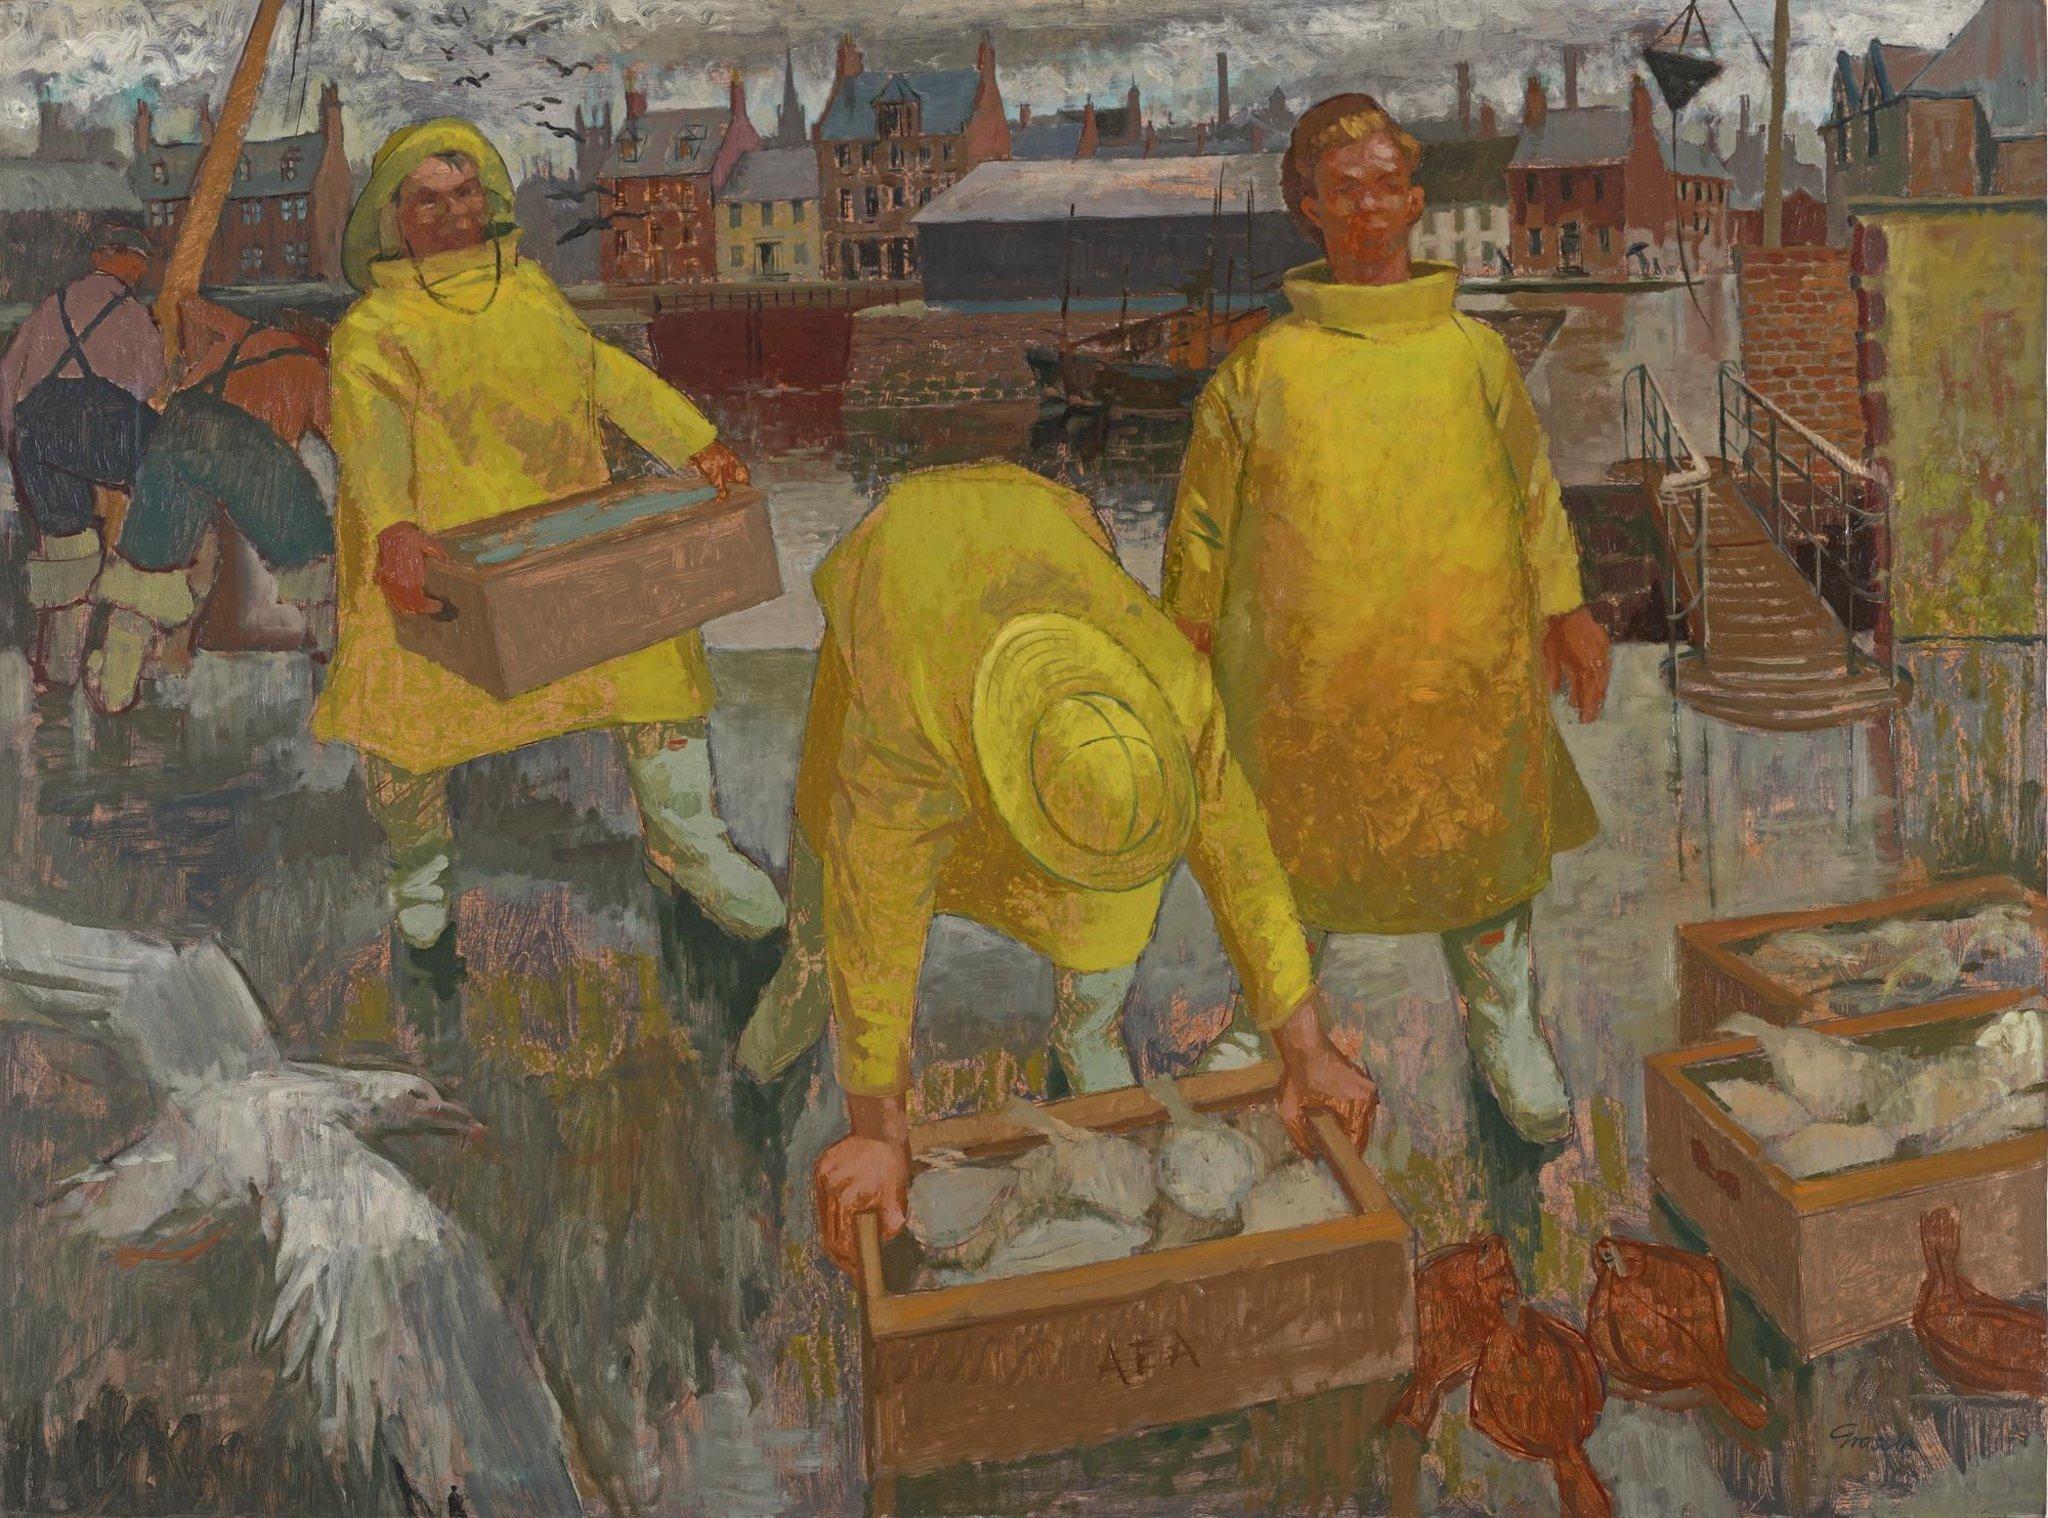 Karya seniman terkemuka Skotlandia dipertemukan untuk pertama kalinya di pameran Edinburgh yang baru